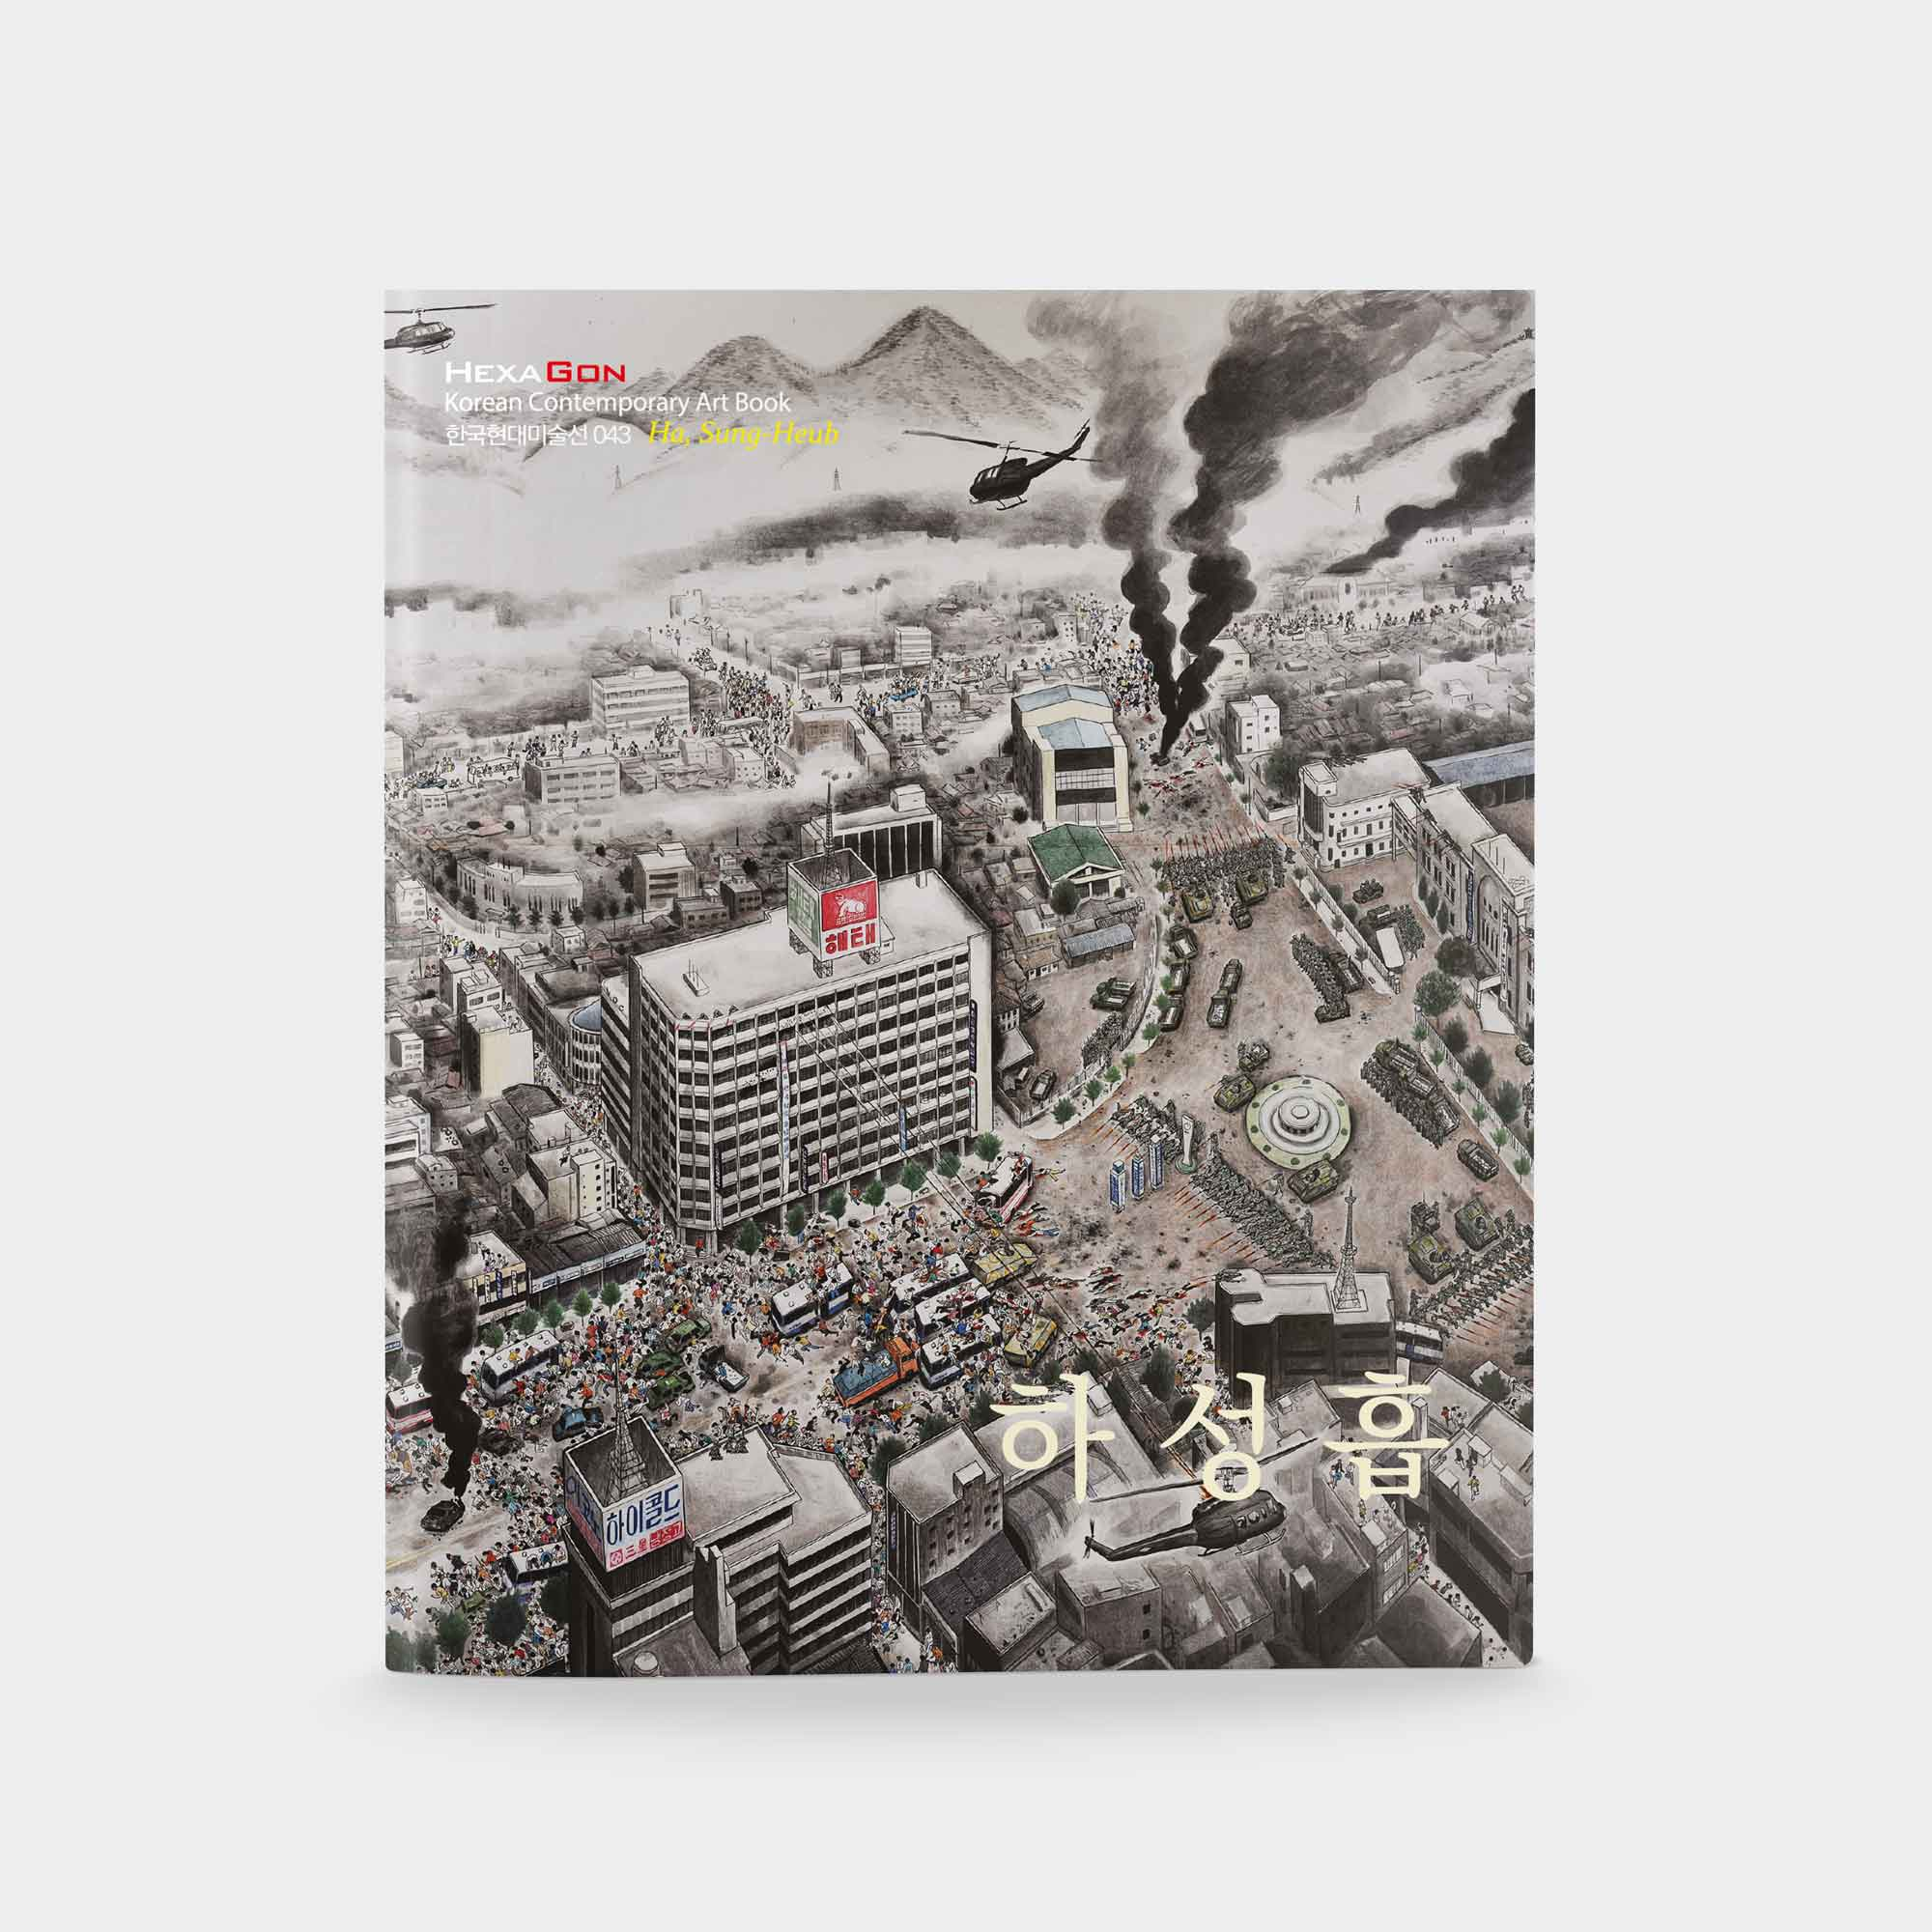 하성흡, 한국현대미술선 43, 헥사곤 출판, 표지 이미지